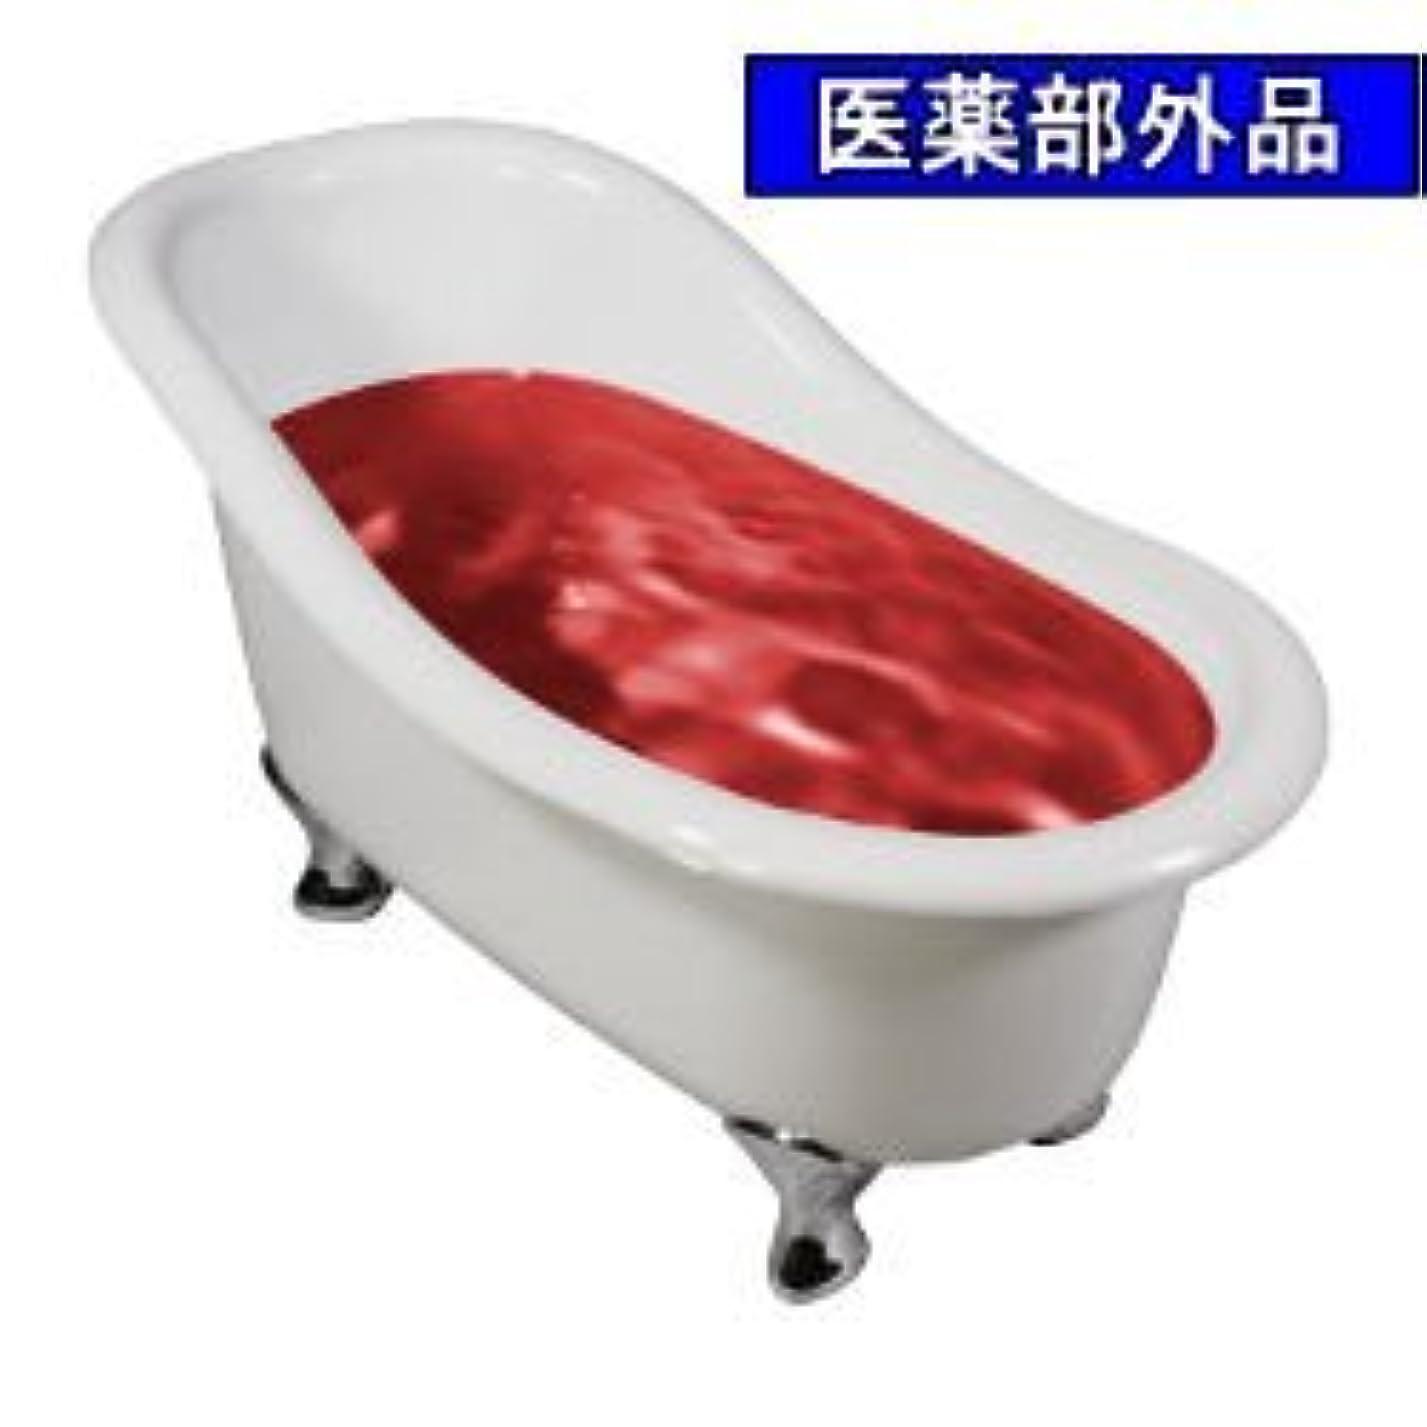 ファウル軽減行政業務用薬用入浴剤バスフレンド 生薬 17kg 医薬部外品